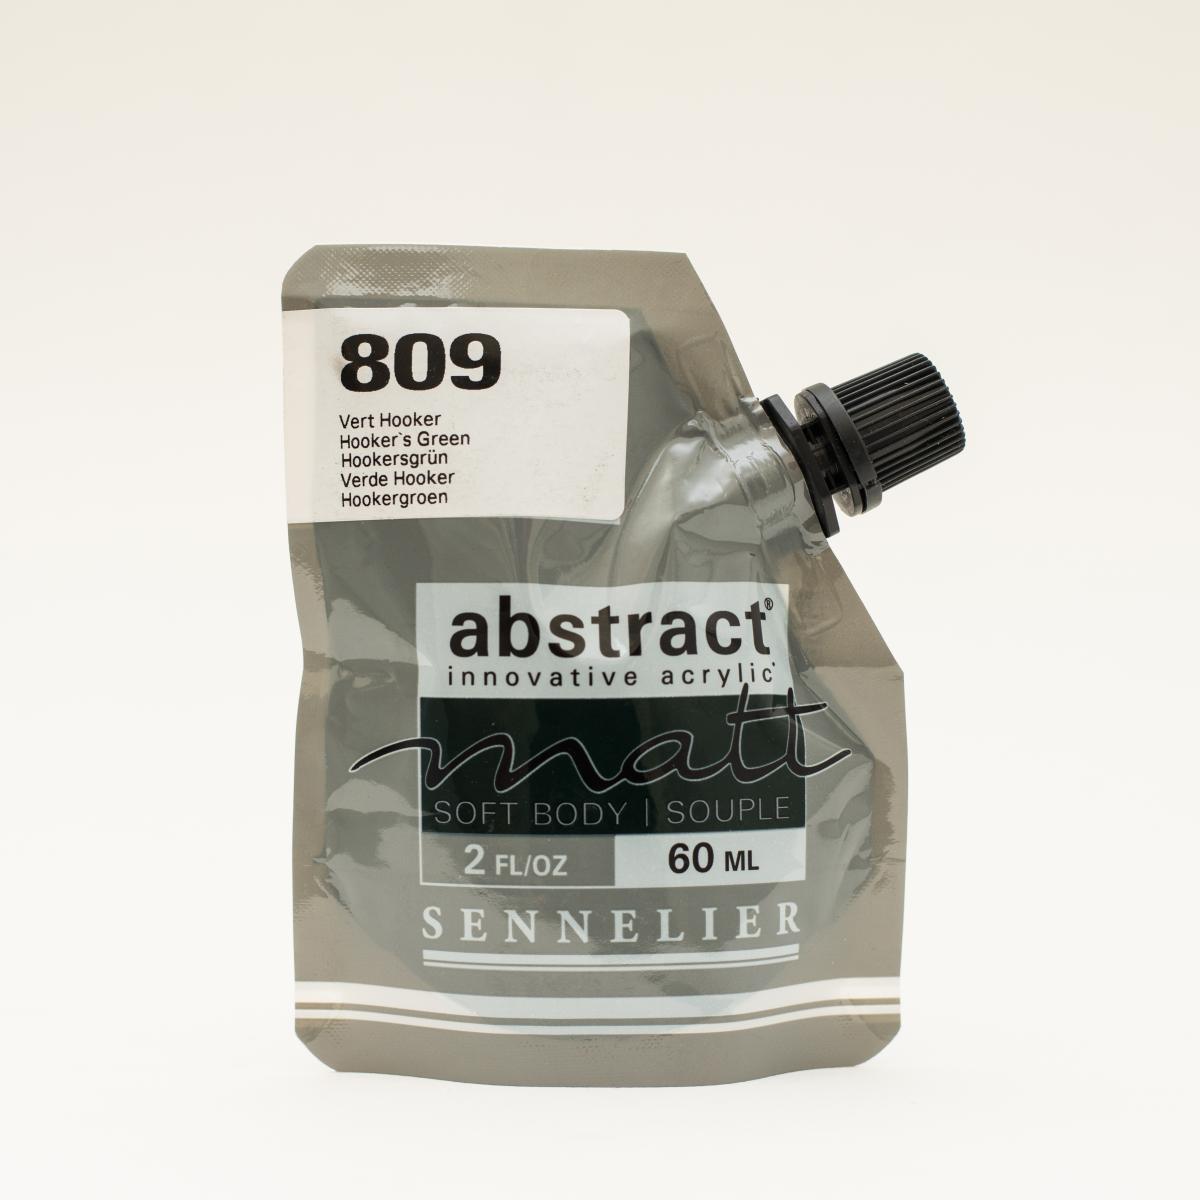 ABSTRACT MATT 809 VERDE HOOKER